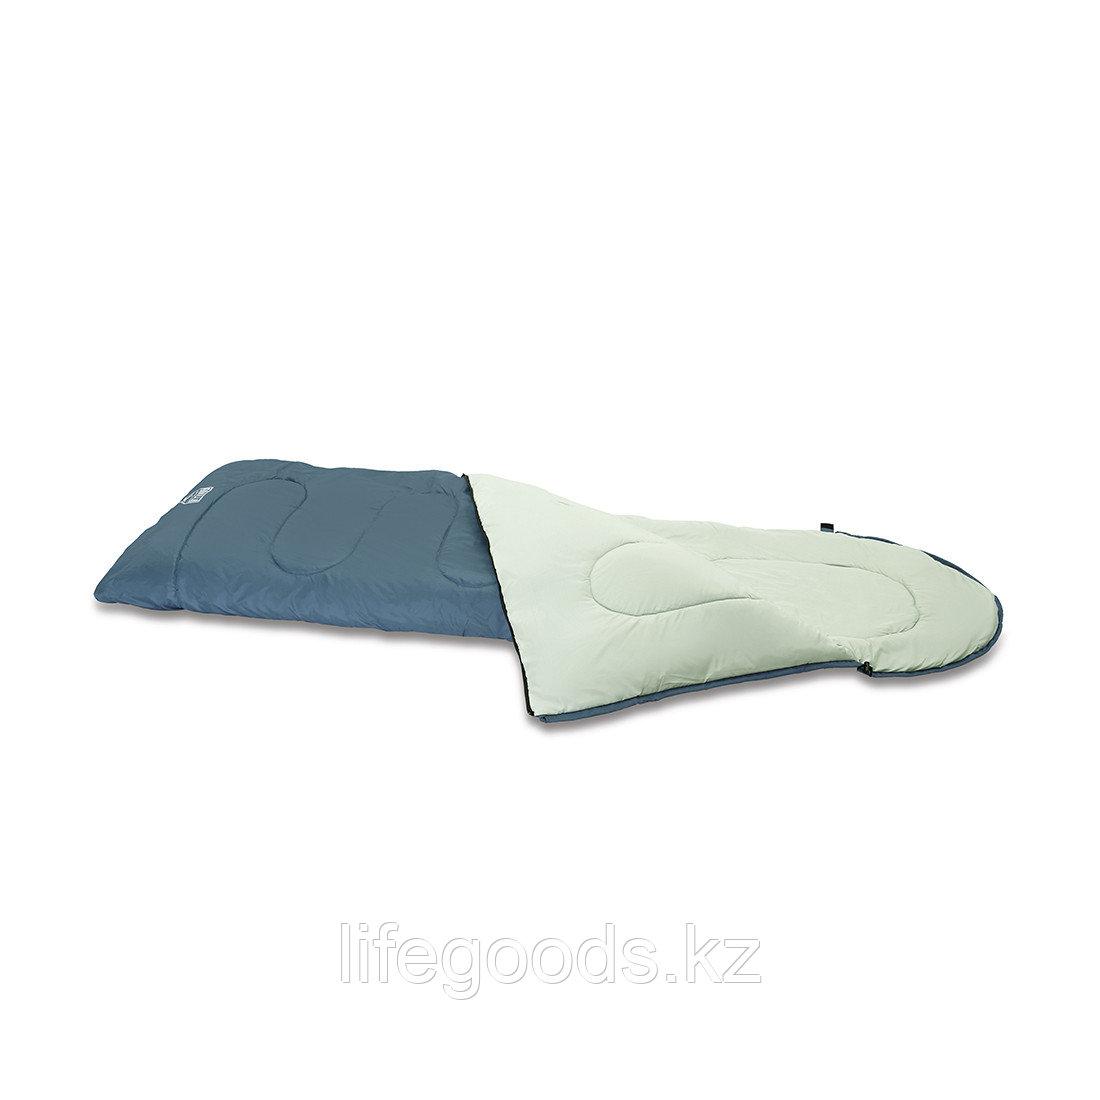 Спальный мешок (185+35)x75 см Bestway 68048 - фото 2